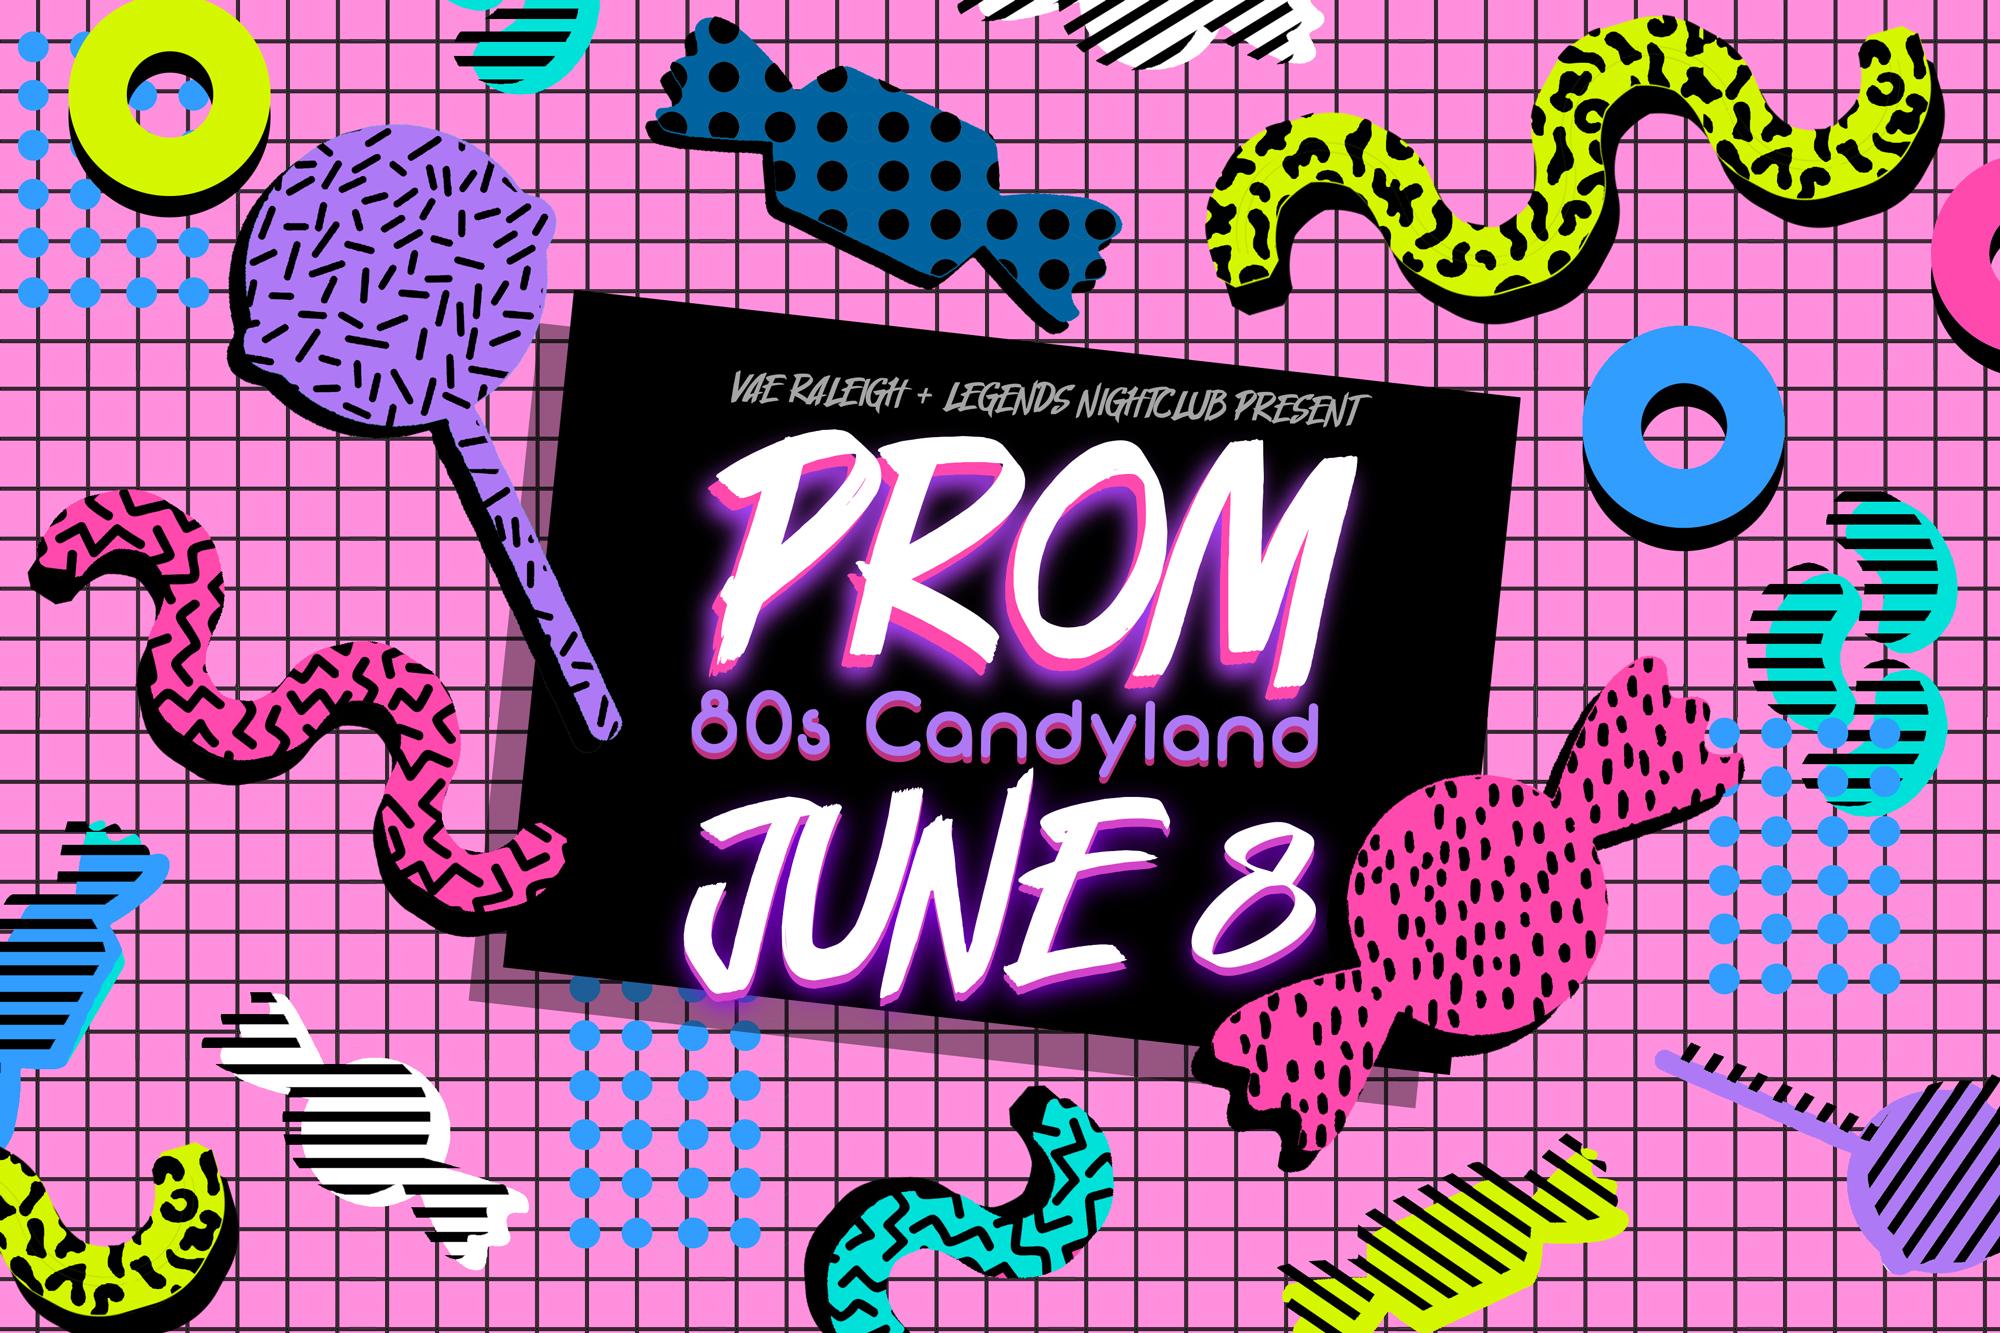 PROM JUNE 8, 2019